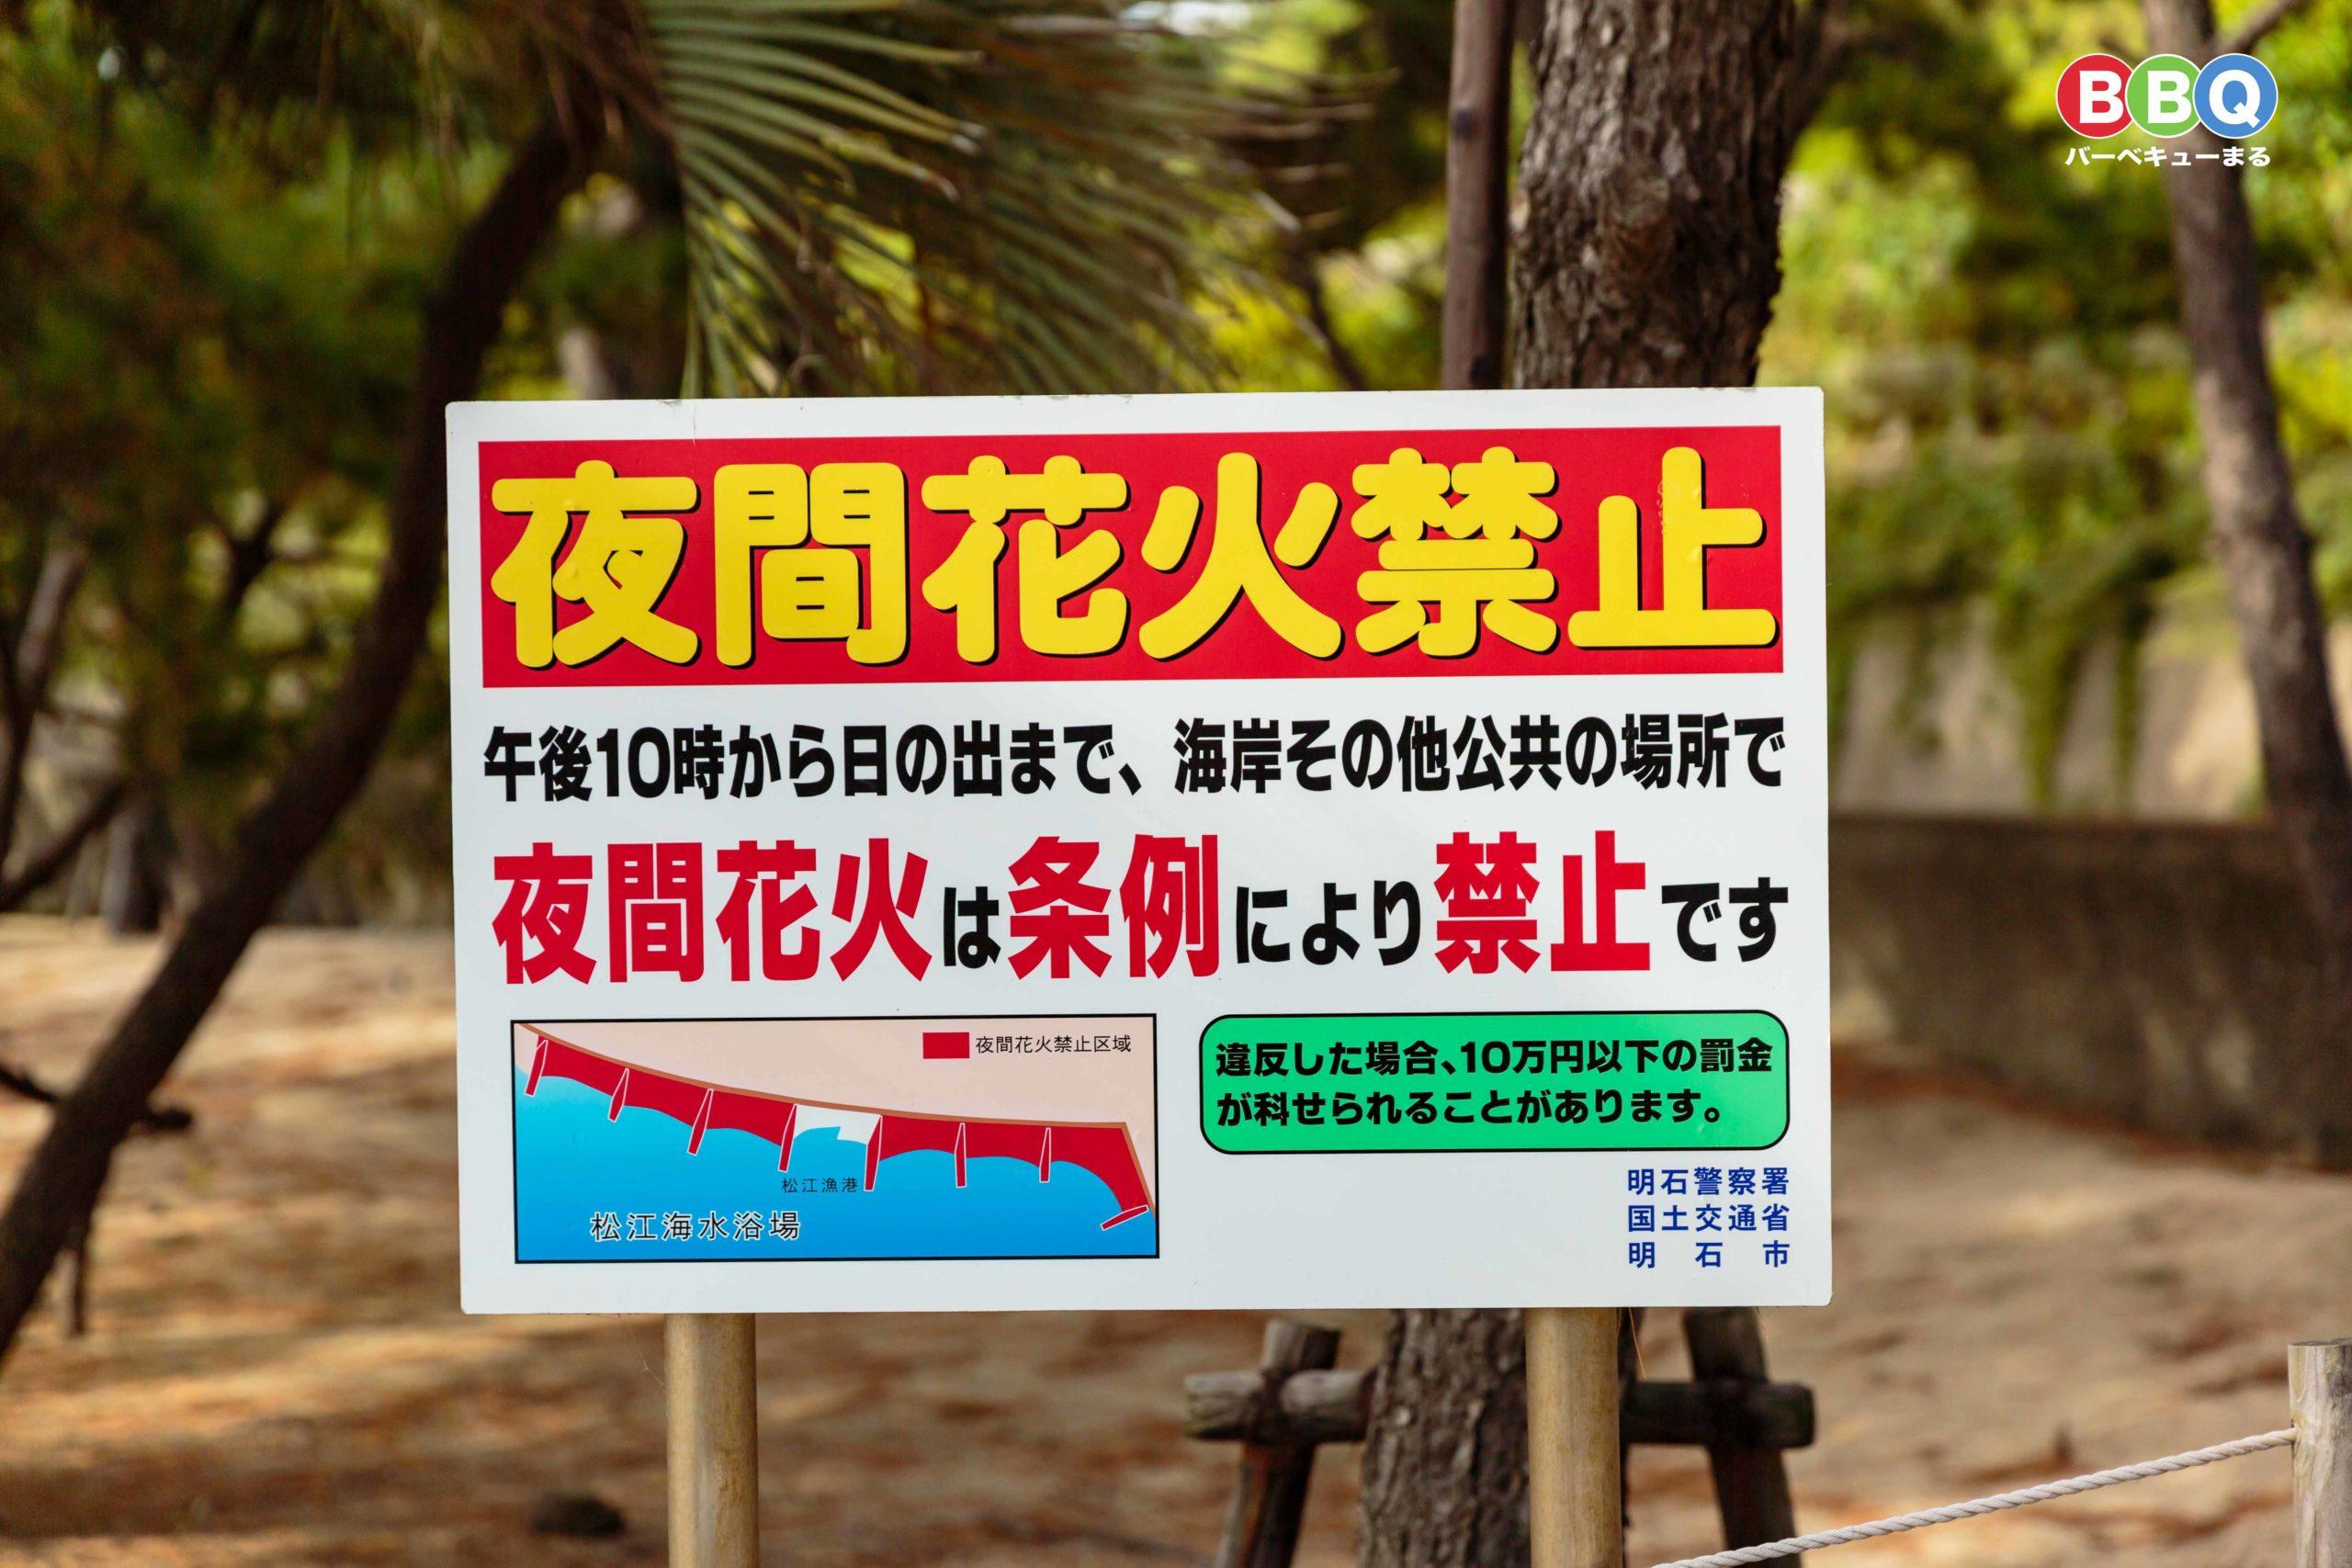 林崎松江海岸、夜間花火禁止の立て看板